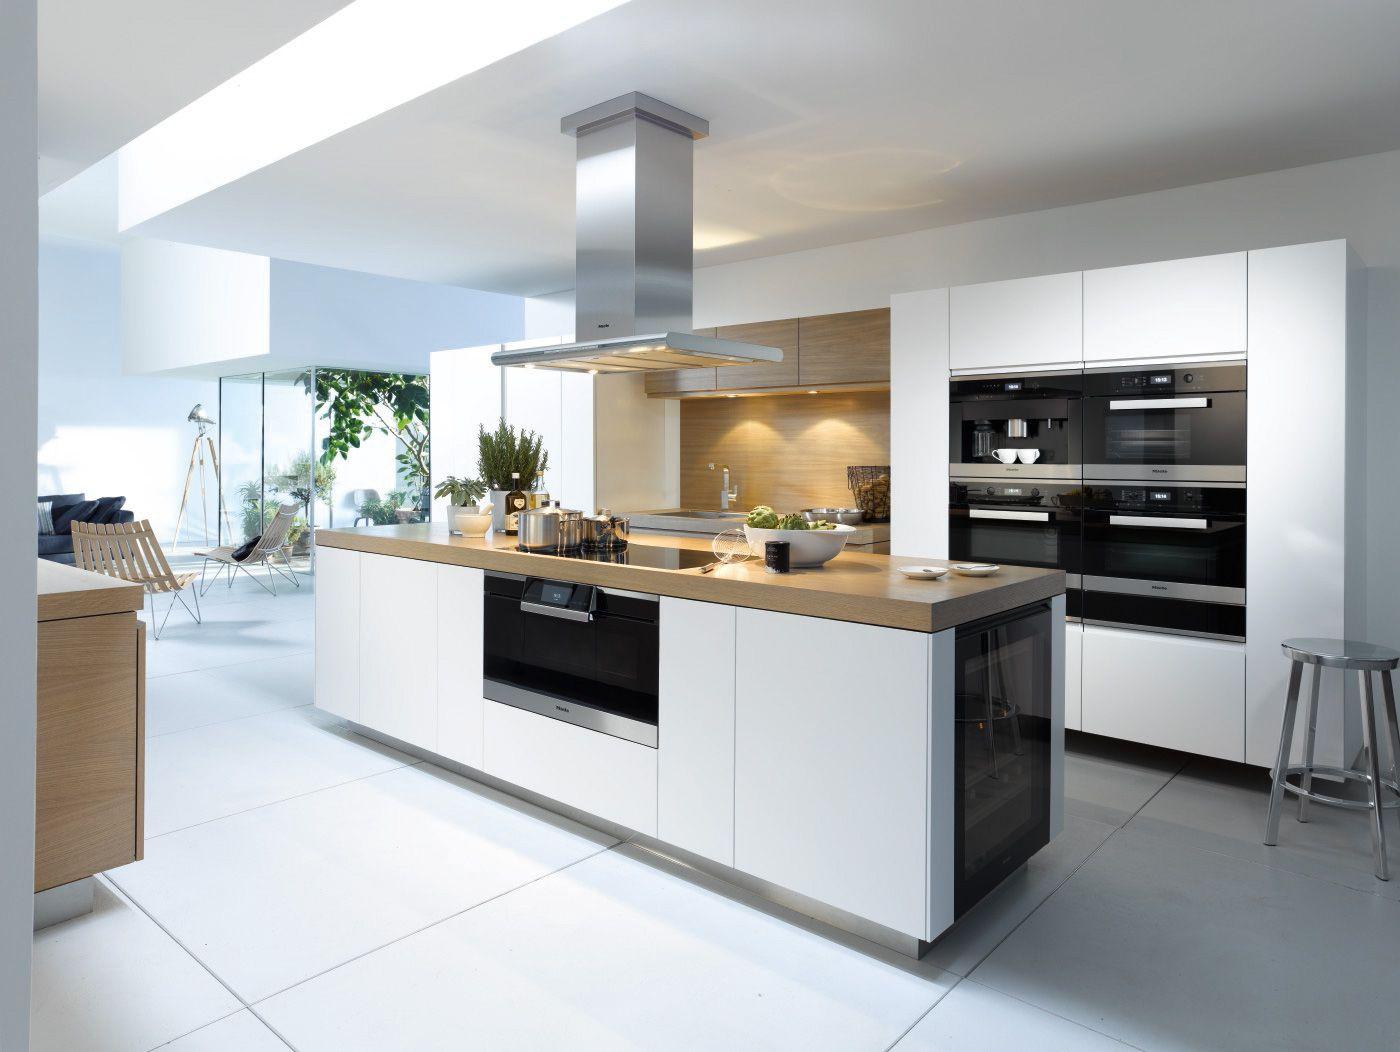 123 Keukens Inspiratie : Miele inspirience partner wildhagen design keukens laat u